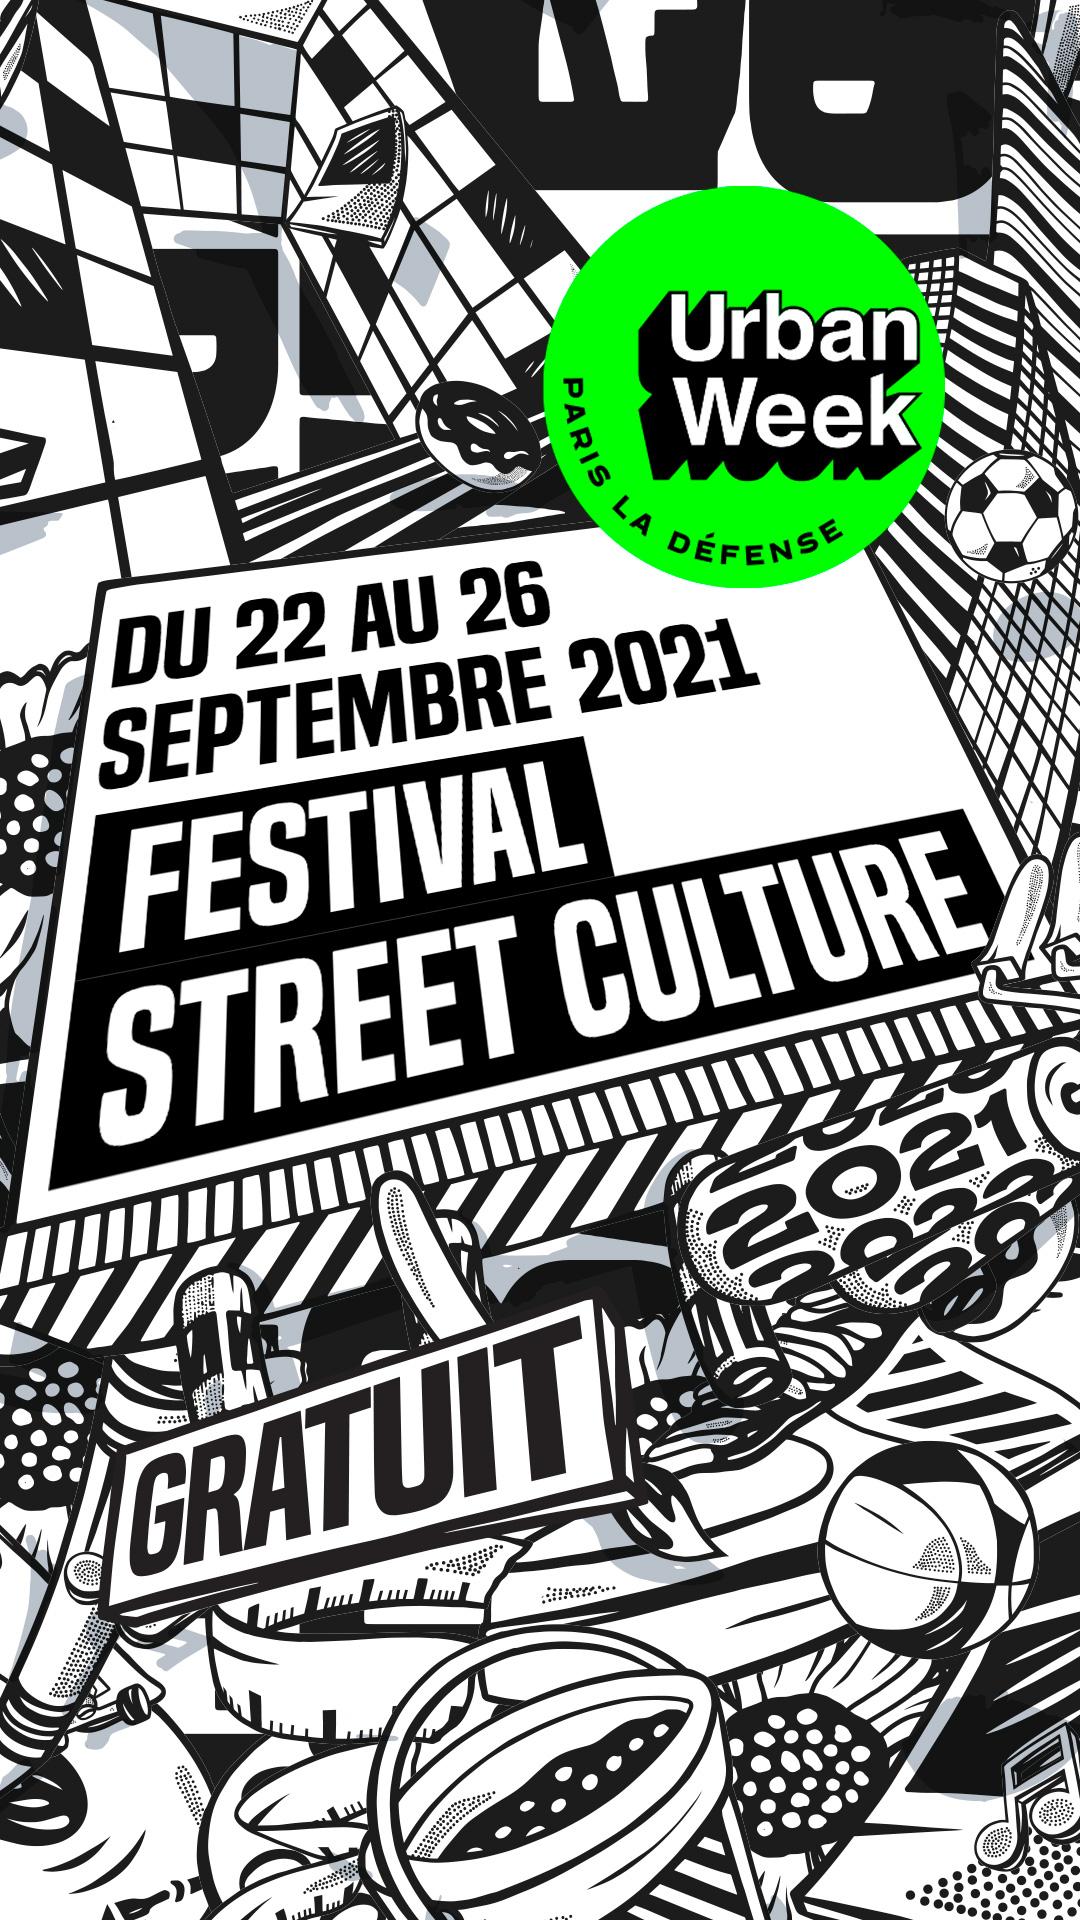 Urban week festival